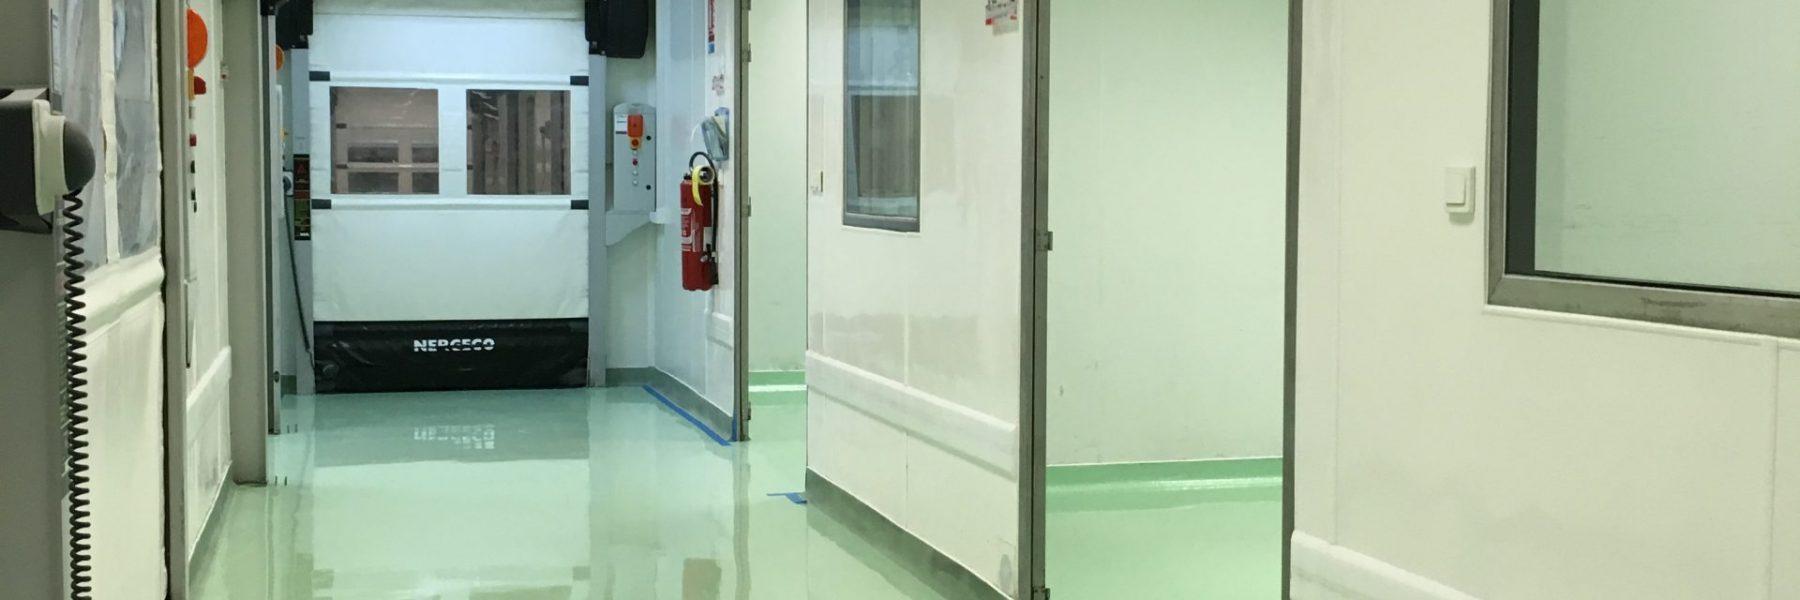 Couloir laboratoire pharmaceutique